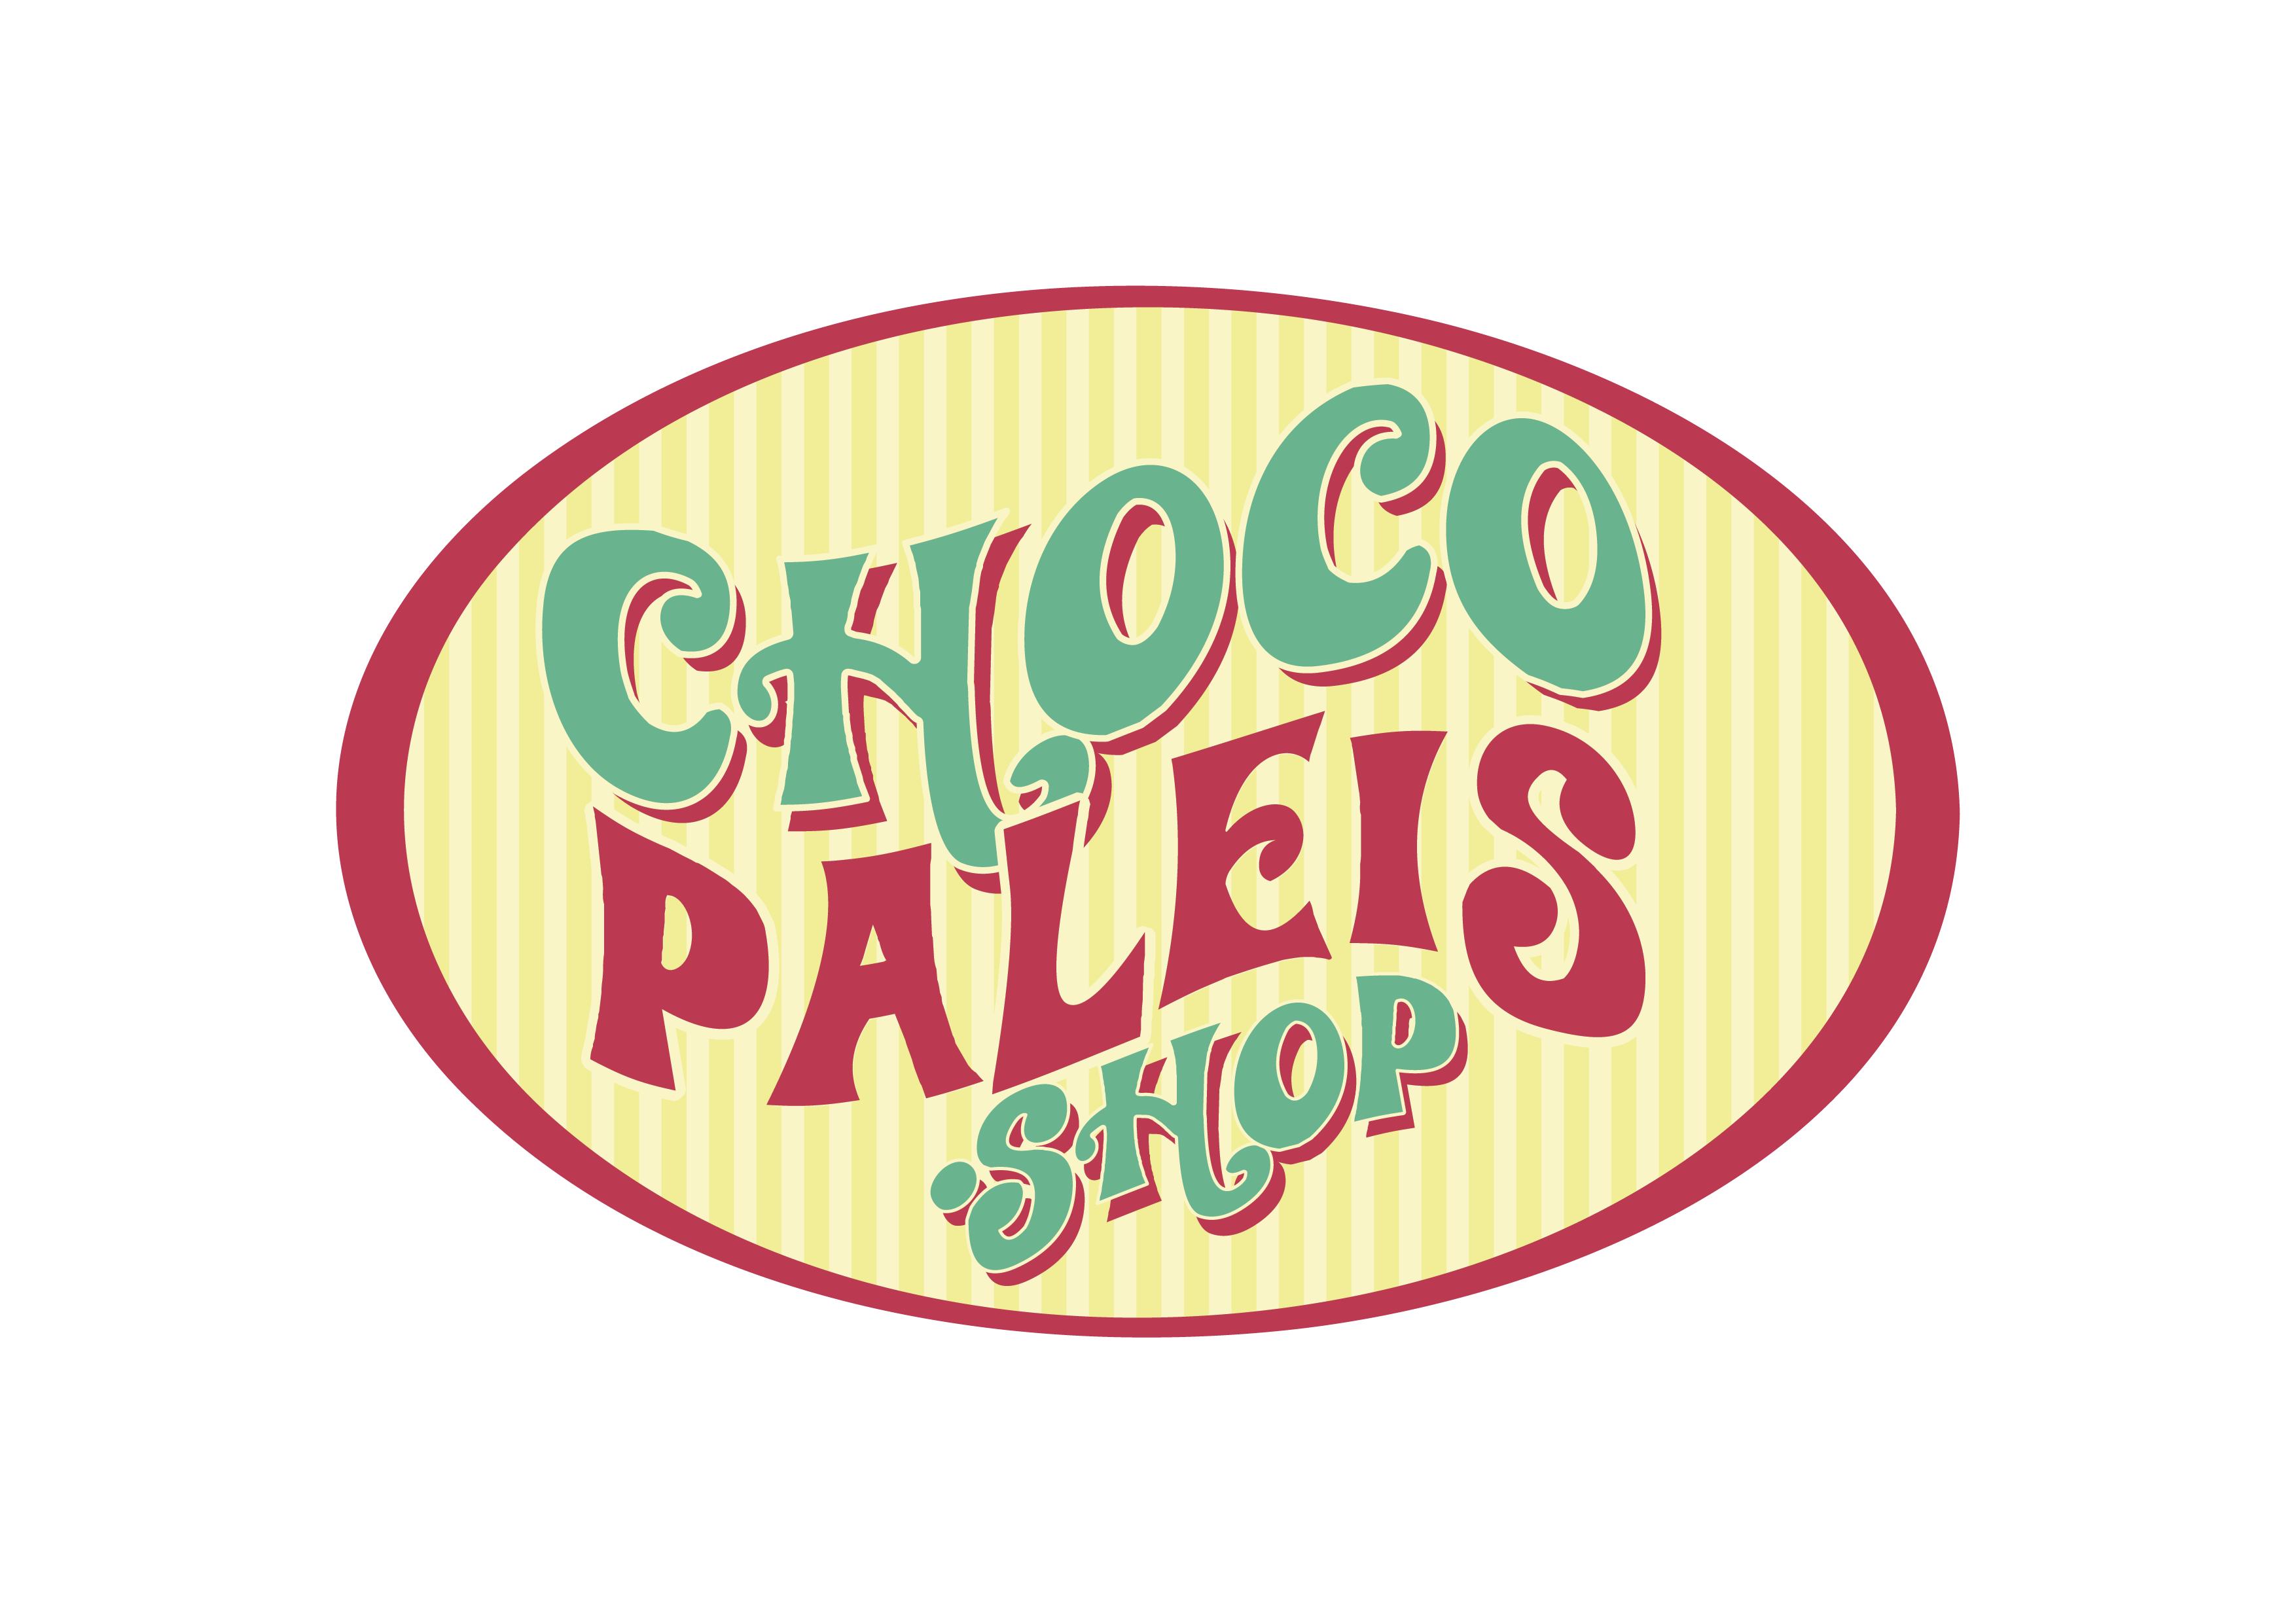 Chocopaleis